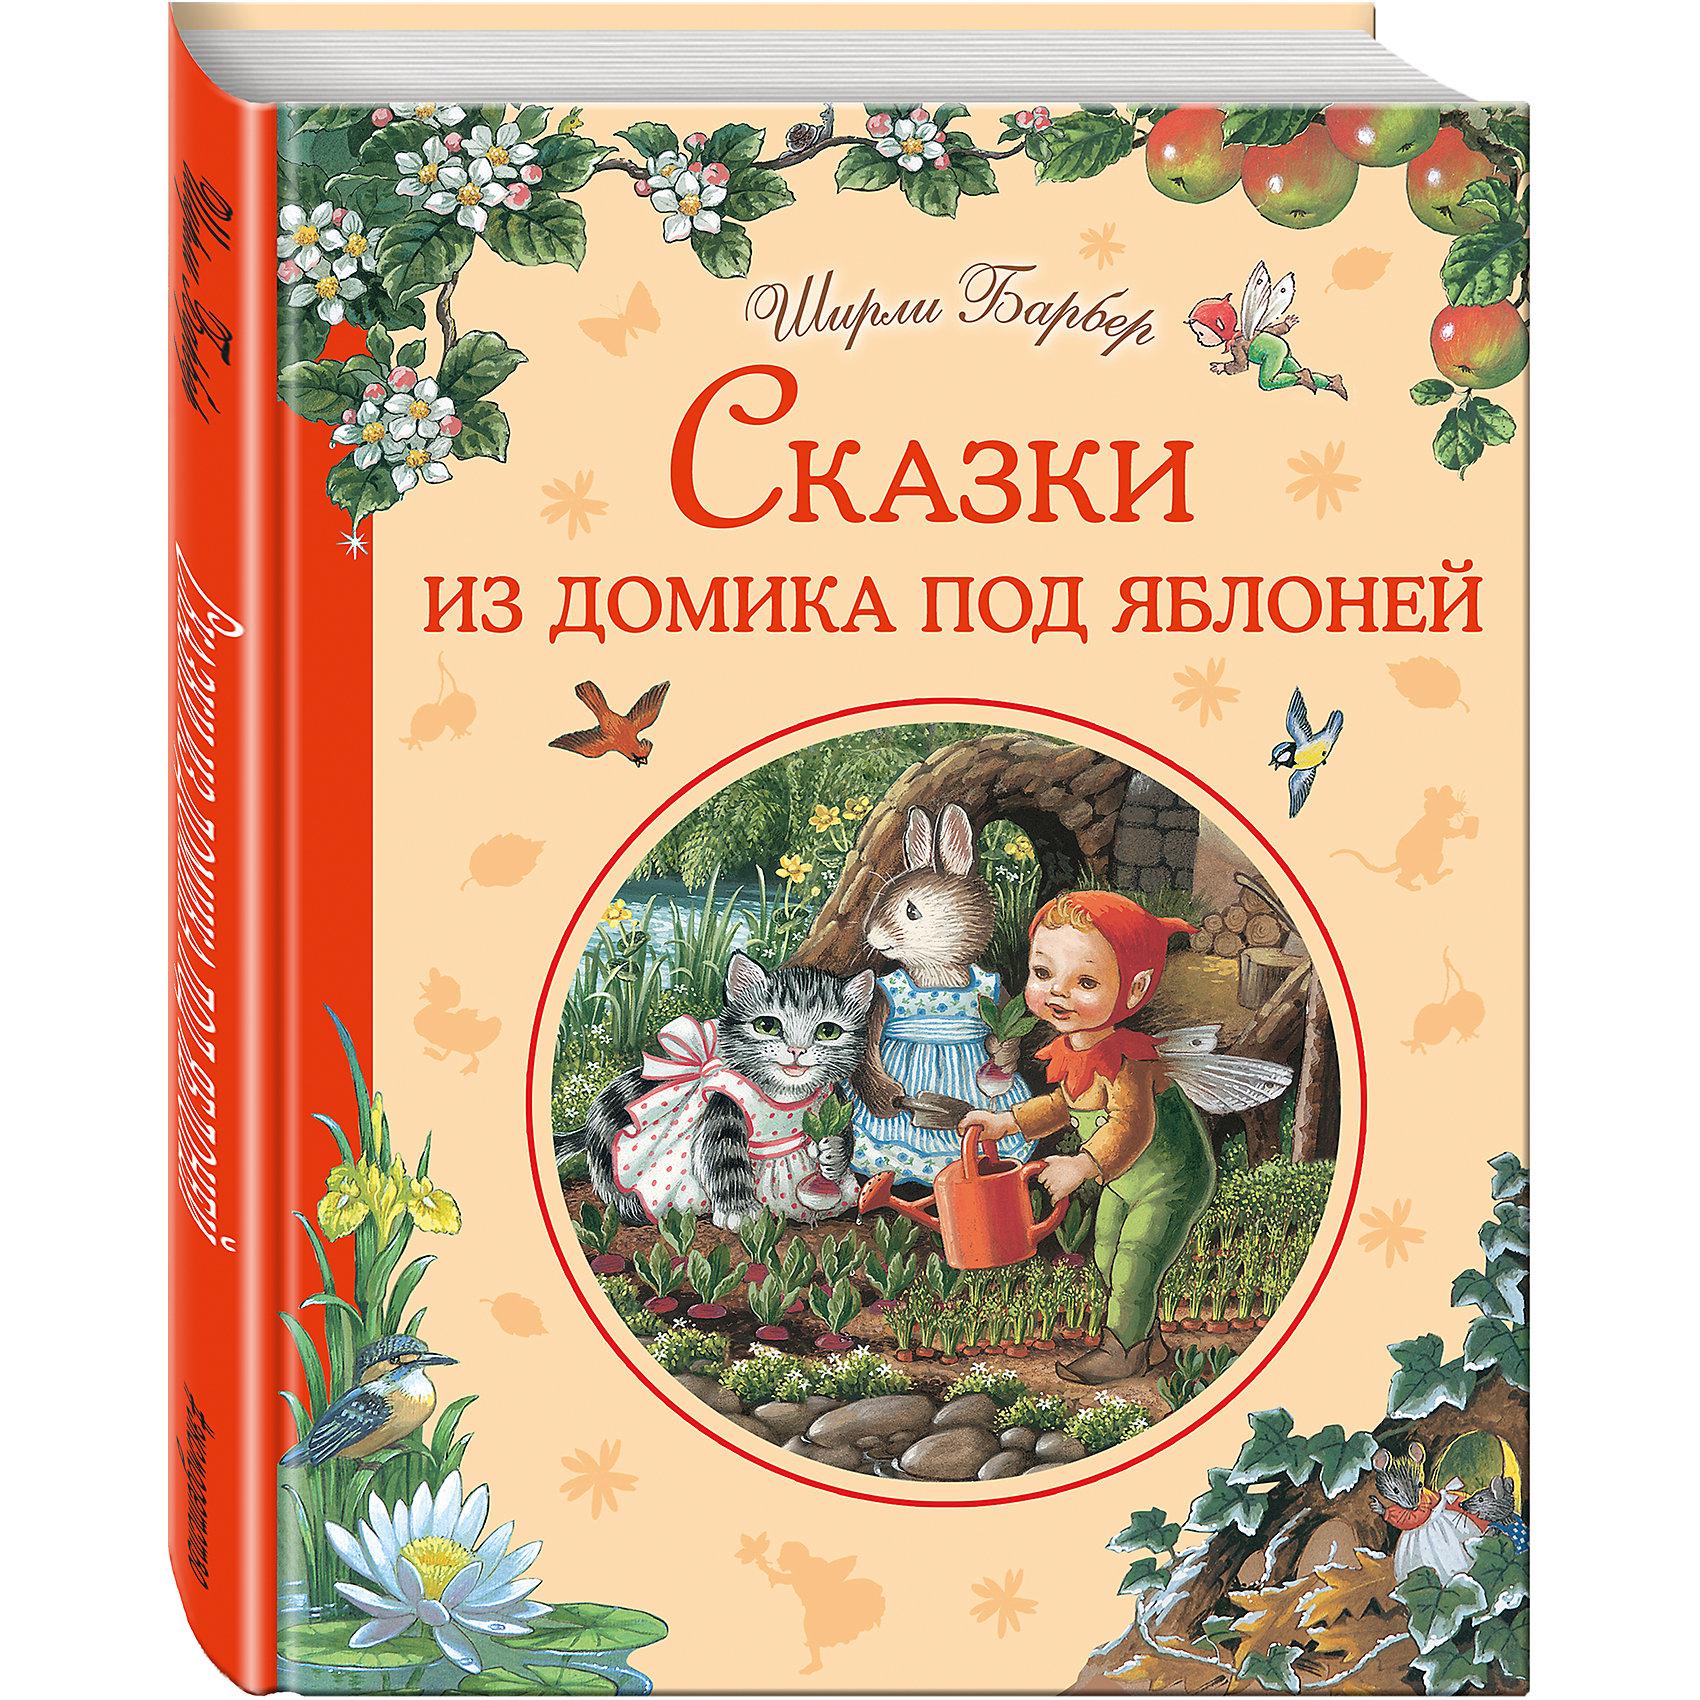 Сказки из домика под яблонейЗарубежные сказки<br>Вы знаете, что под пологом леса, в луговых травах, на зелёных холмах живут эльфы, гномы, говорящие звери? <br><br>Откройте книгу и проверьте! Вас ждёт сверкающий мир Ширли Барбер, которая придумывает сказки и сама рисует к ним иллюстрации!<br><br>Добрая крольчиха Марта живёт в волшебном лесу в доме под яблоней и старается помогать своим друзьям и соседям в любой, даже самой трудной ситуации!<br><br>Ширина мм: 219<br>Глубина мм: 165<br>Высота мм: 80<br>Вес г: 336<br>Возраст от месяцев: 60<br>Возраст до месяцев: 2147483647<br>Пол: Унисекс<br>Возраст: Детский<br>SKU: 5535374